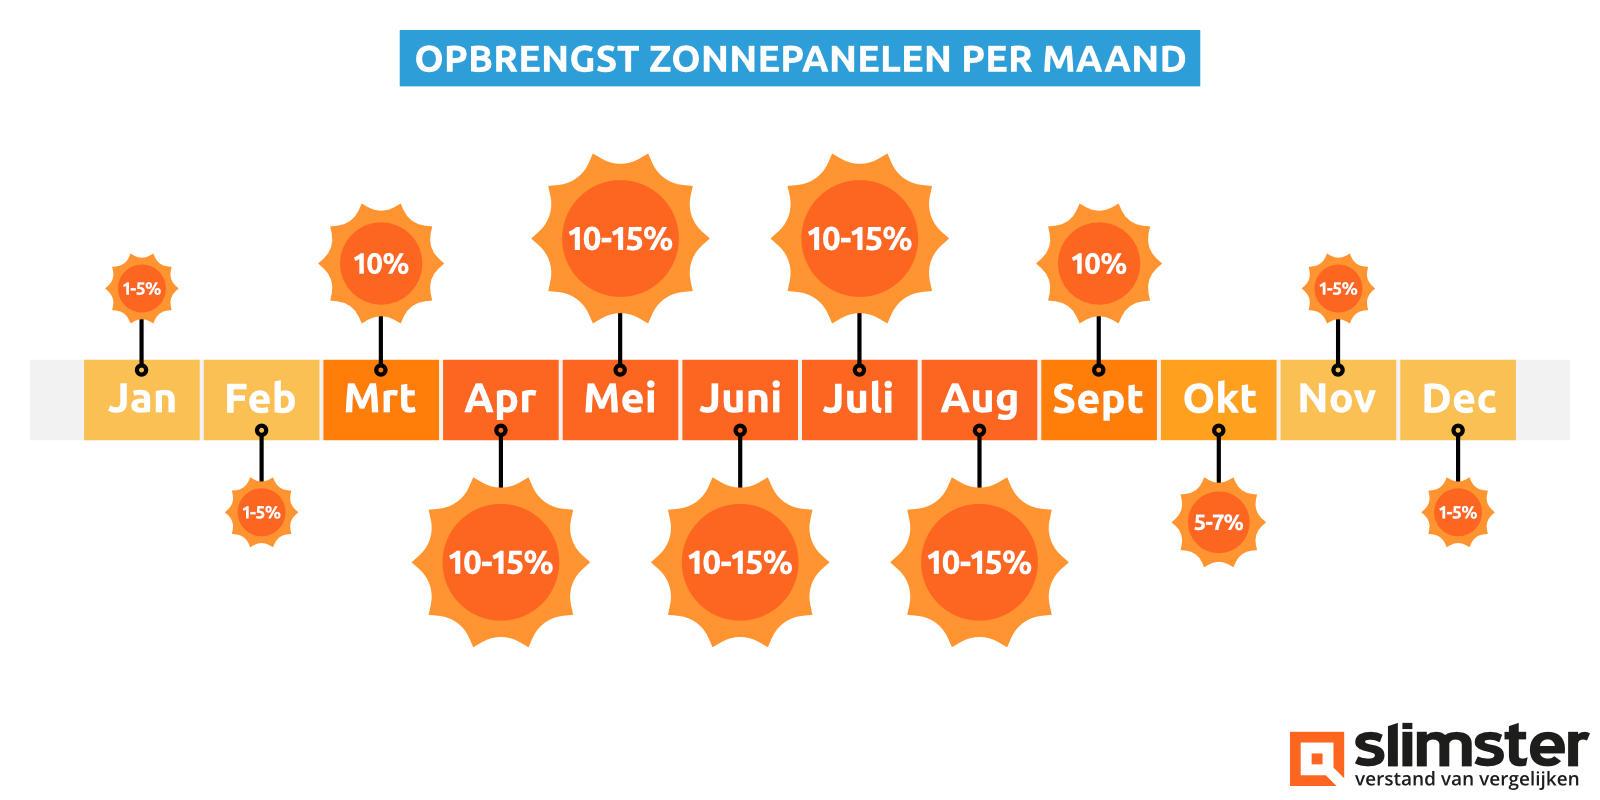 zonnepanelen opbrengst per maand